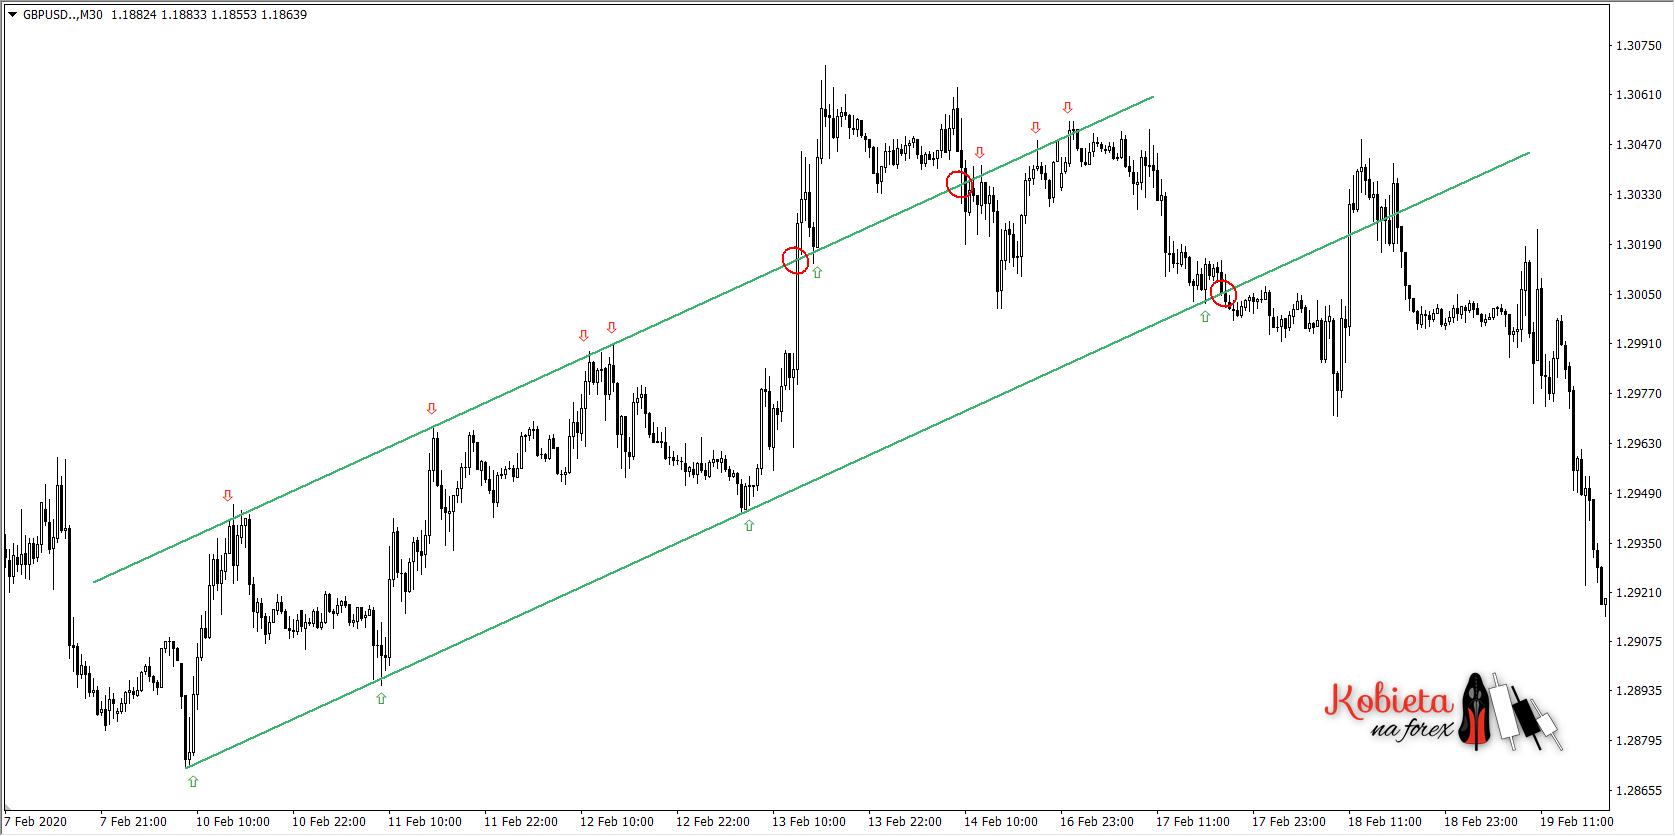 """Wykres 1. Wykorzystanie narzędzia """"linia trendu"""" do wyrysowania linii trendu (po dołkach), a następnie kanału cenowego (dodanie linii równoległej przy szczytach), który ogranicza kurs od góry, wskazując na opór."""